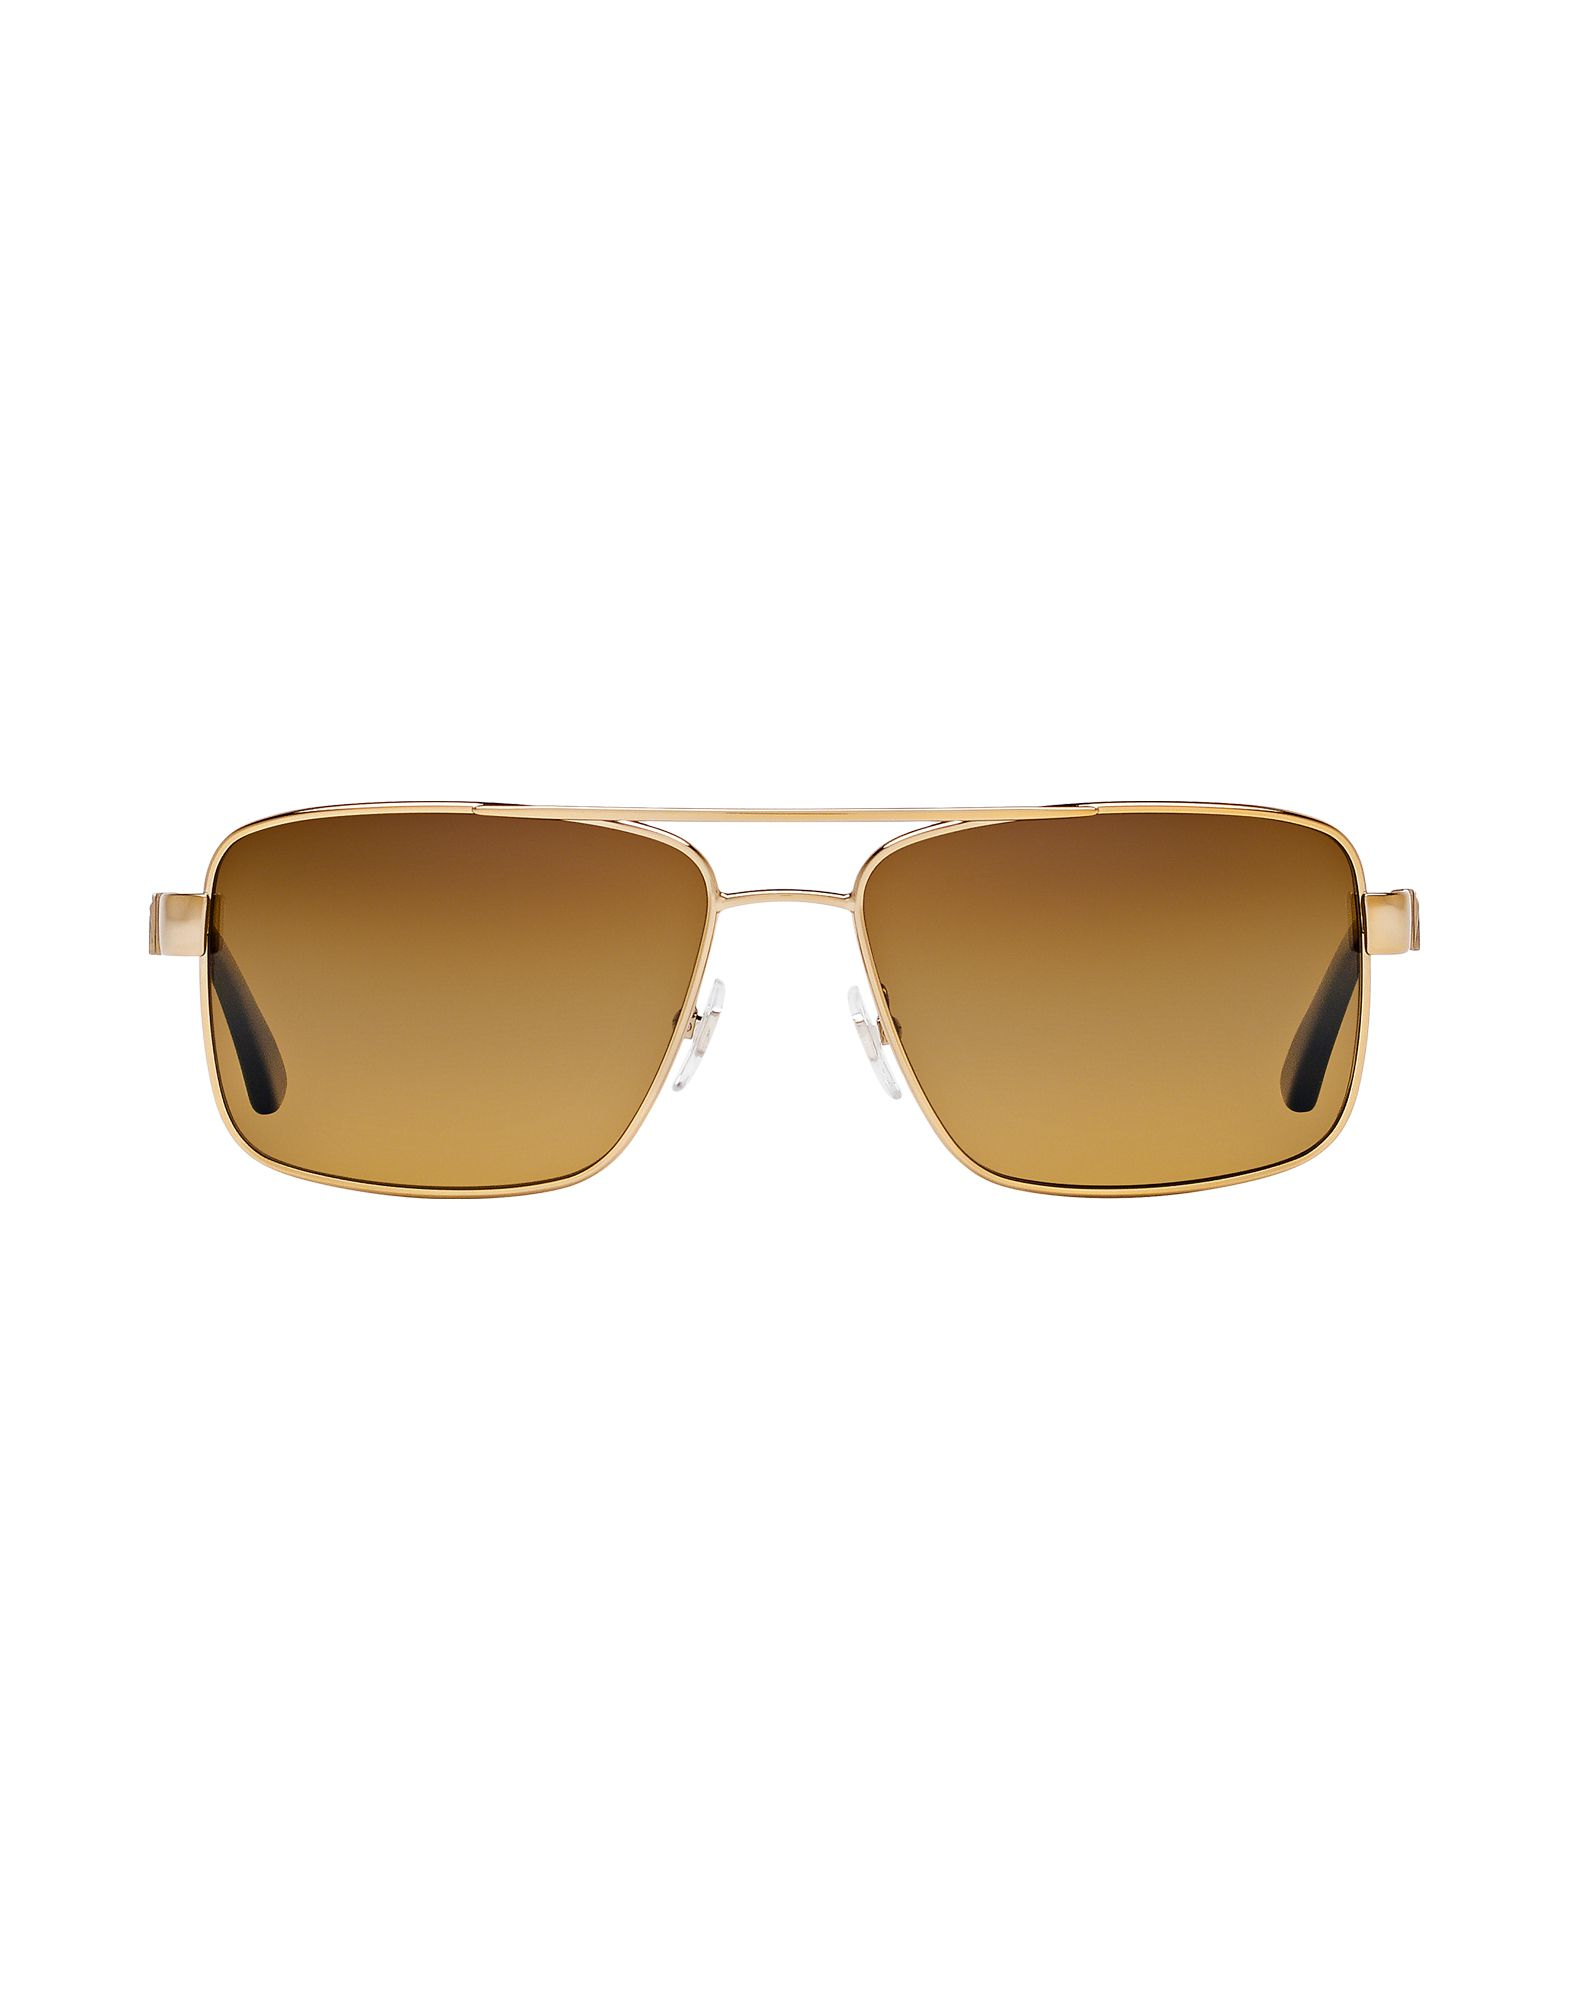 Versace | Sunglass Hut Online Store | Sunglasses for Men ...